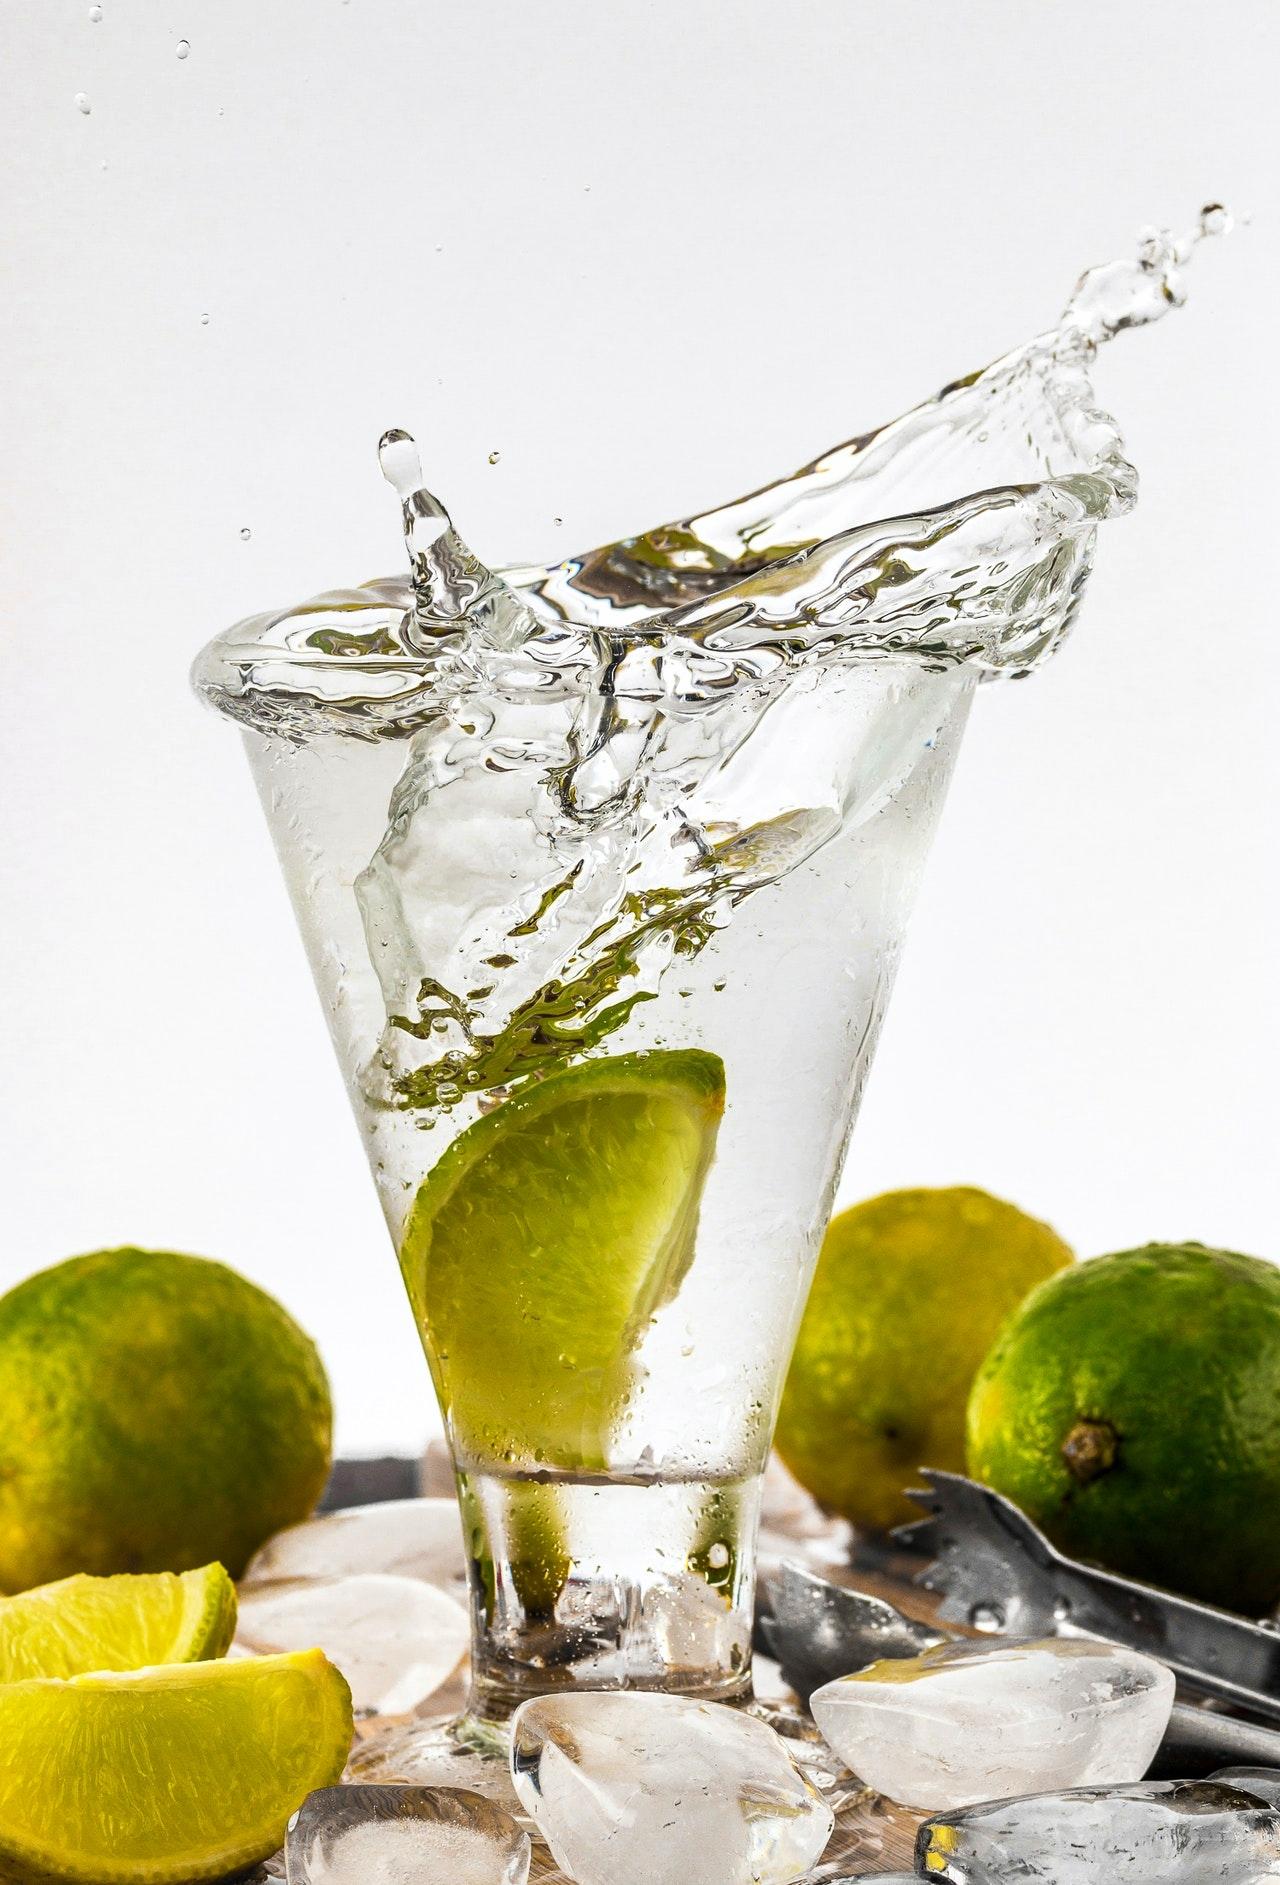 Summer Cooler - lemonade